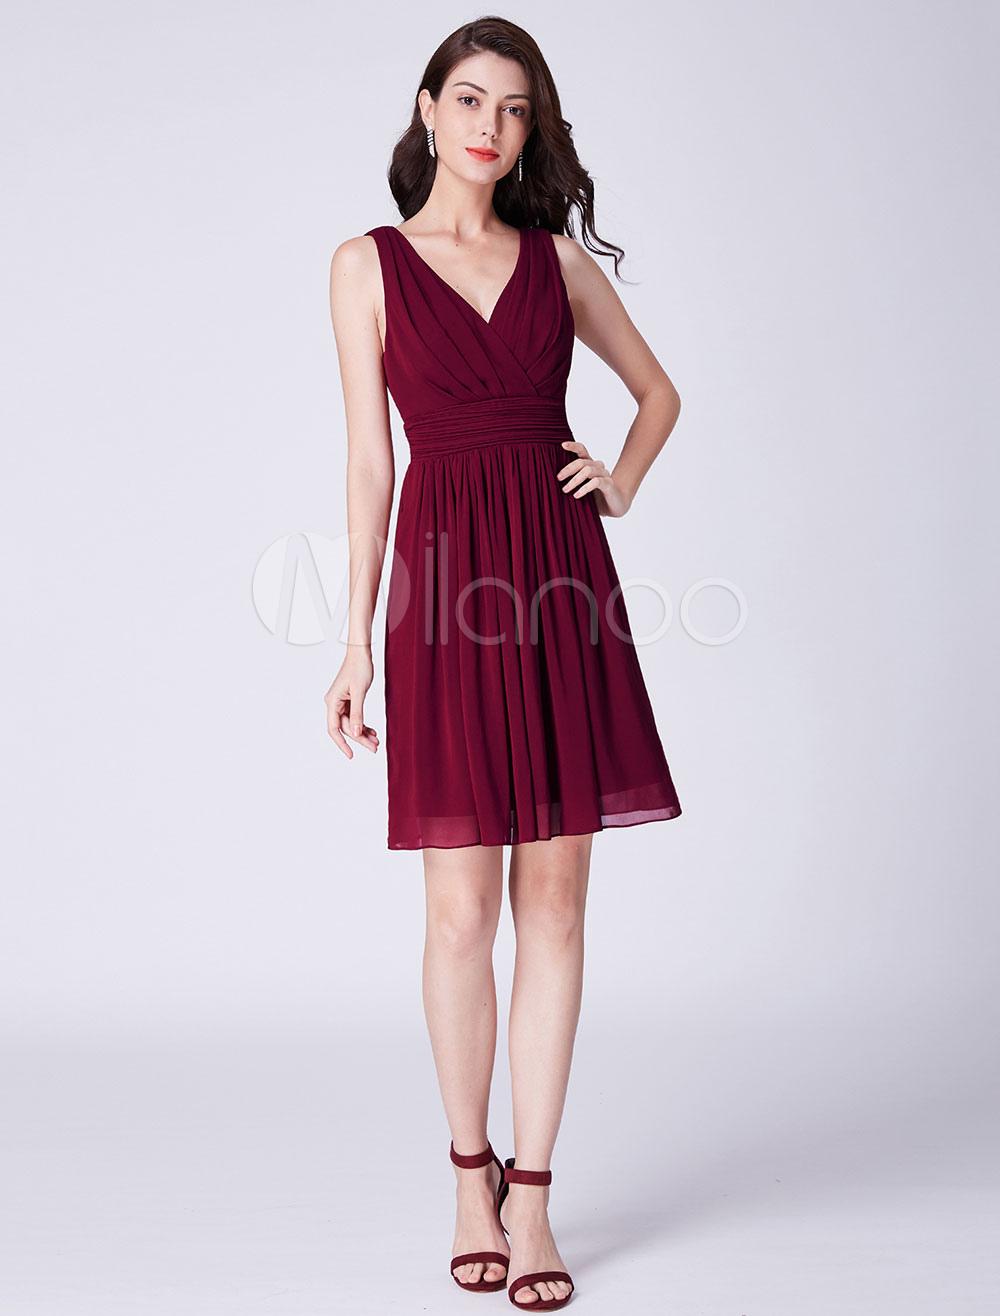 b47c02758 Vestidos de dama de honor cortos Vestido de fiesta con cuello en V ...